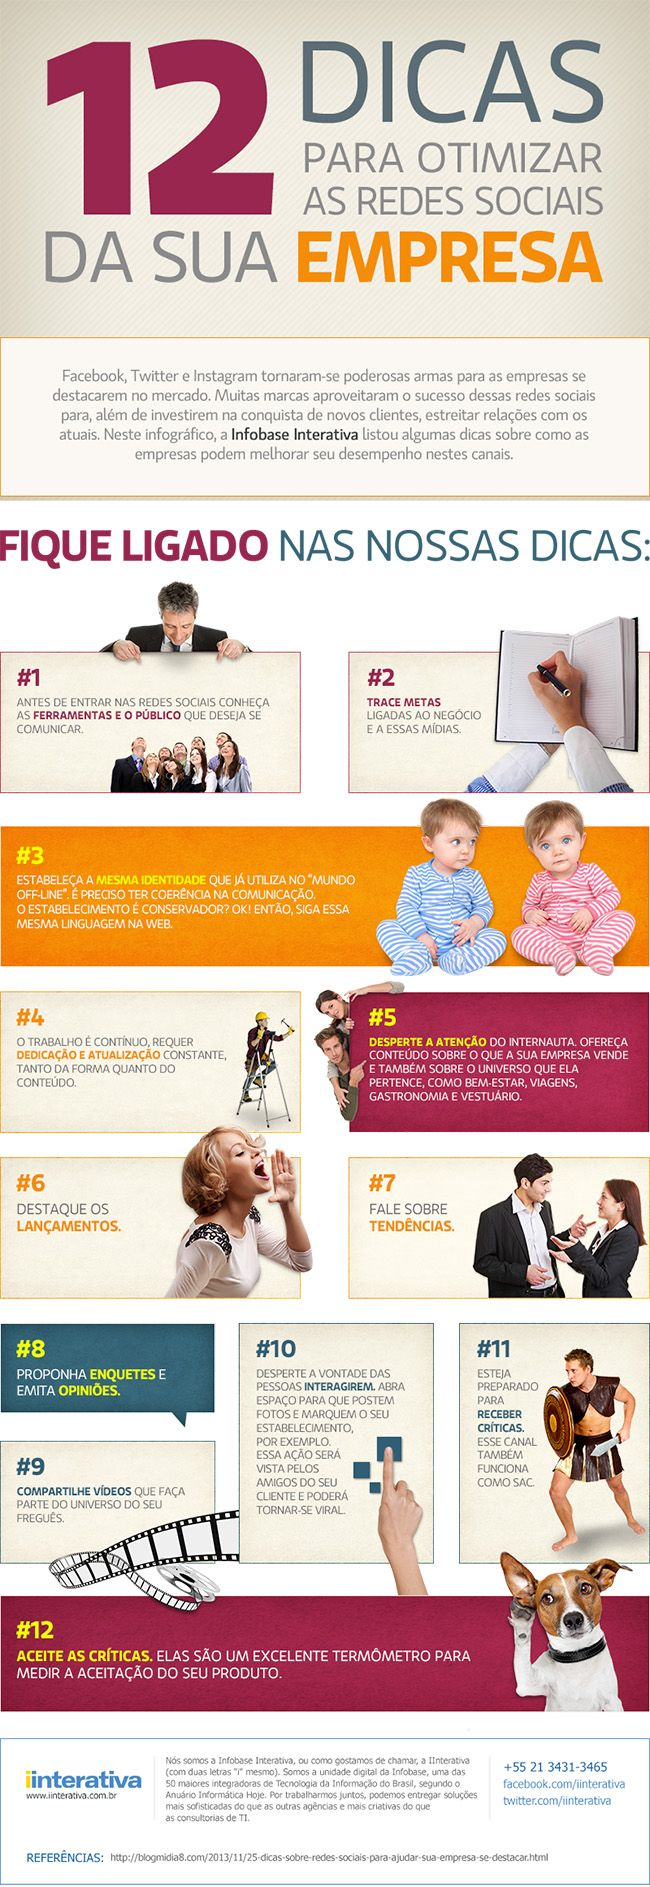 12 dicas para otimizar as redes sociais da sua empresa